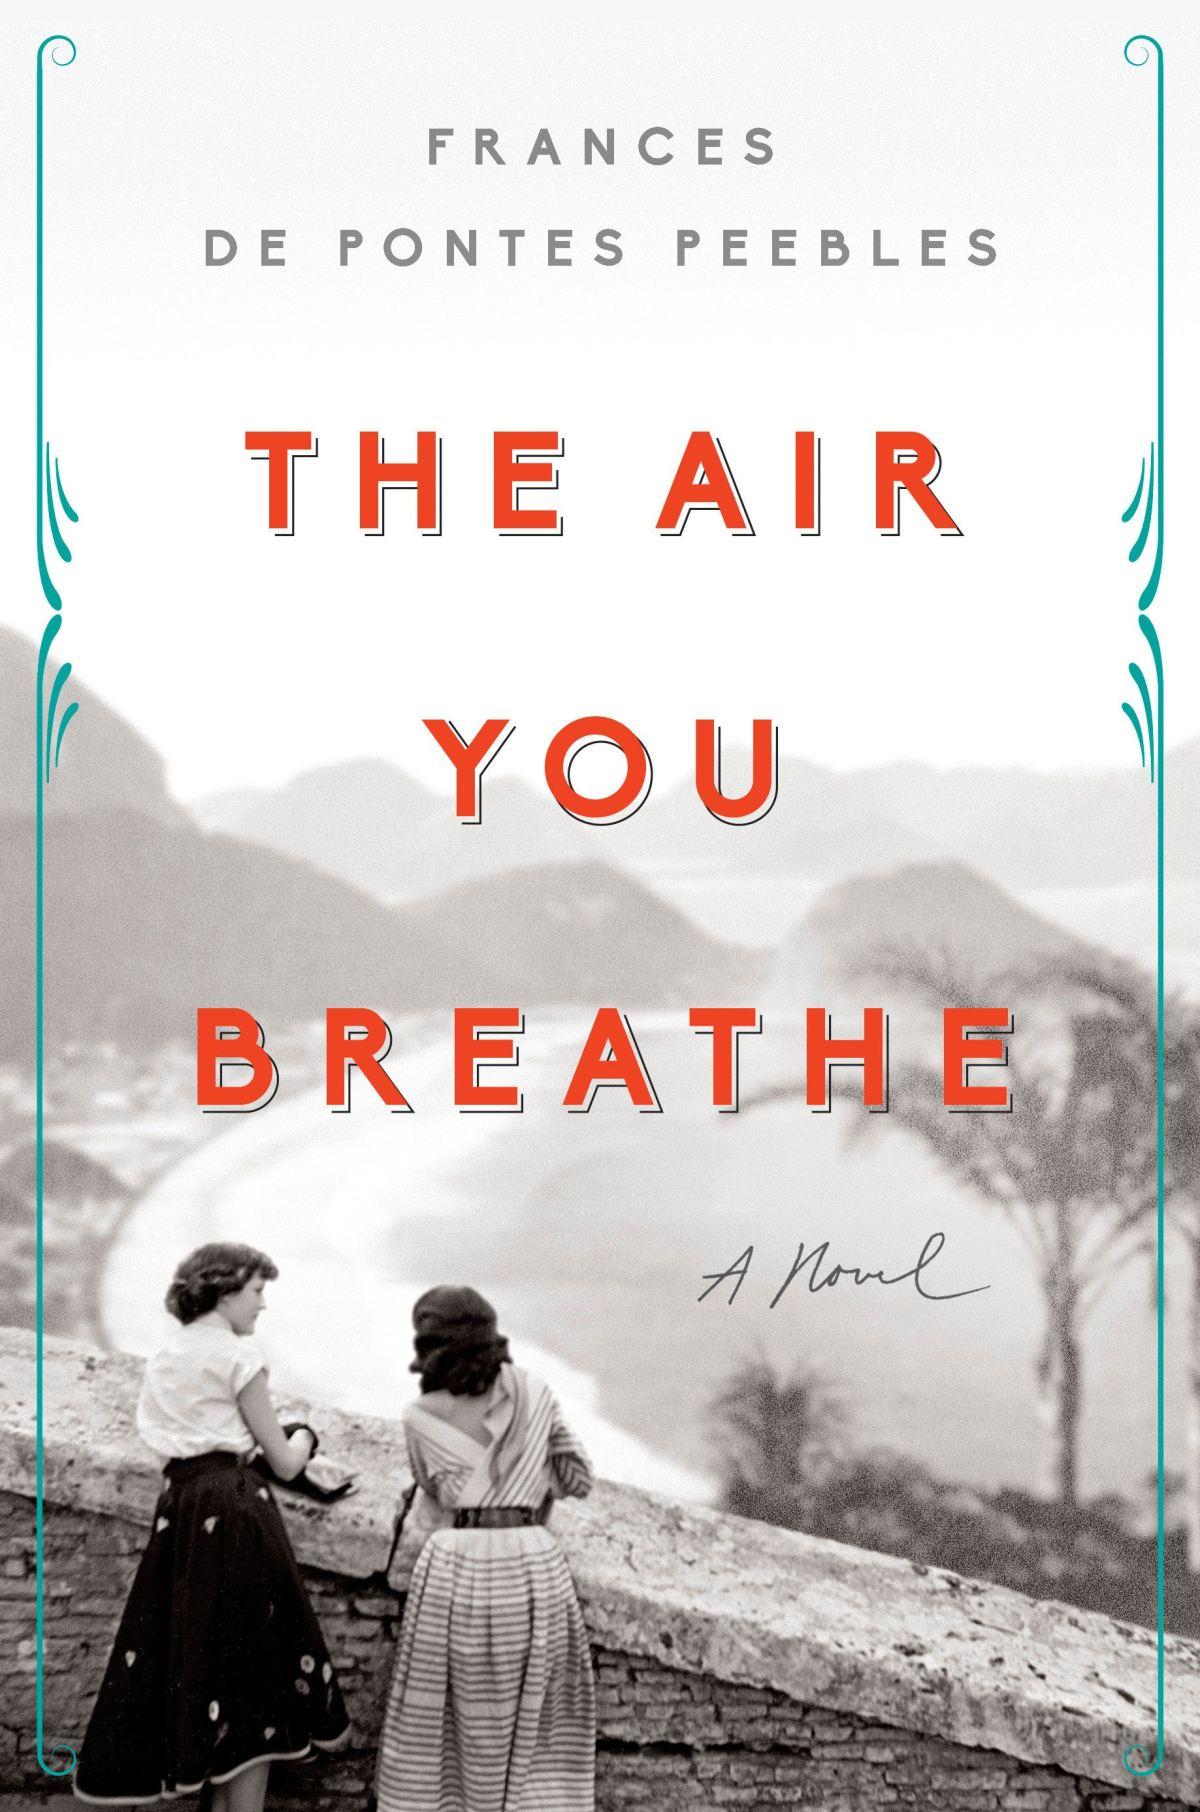 Frances de Pontes Peebles - The Air You Breathe